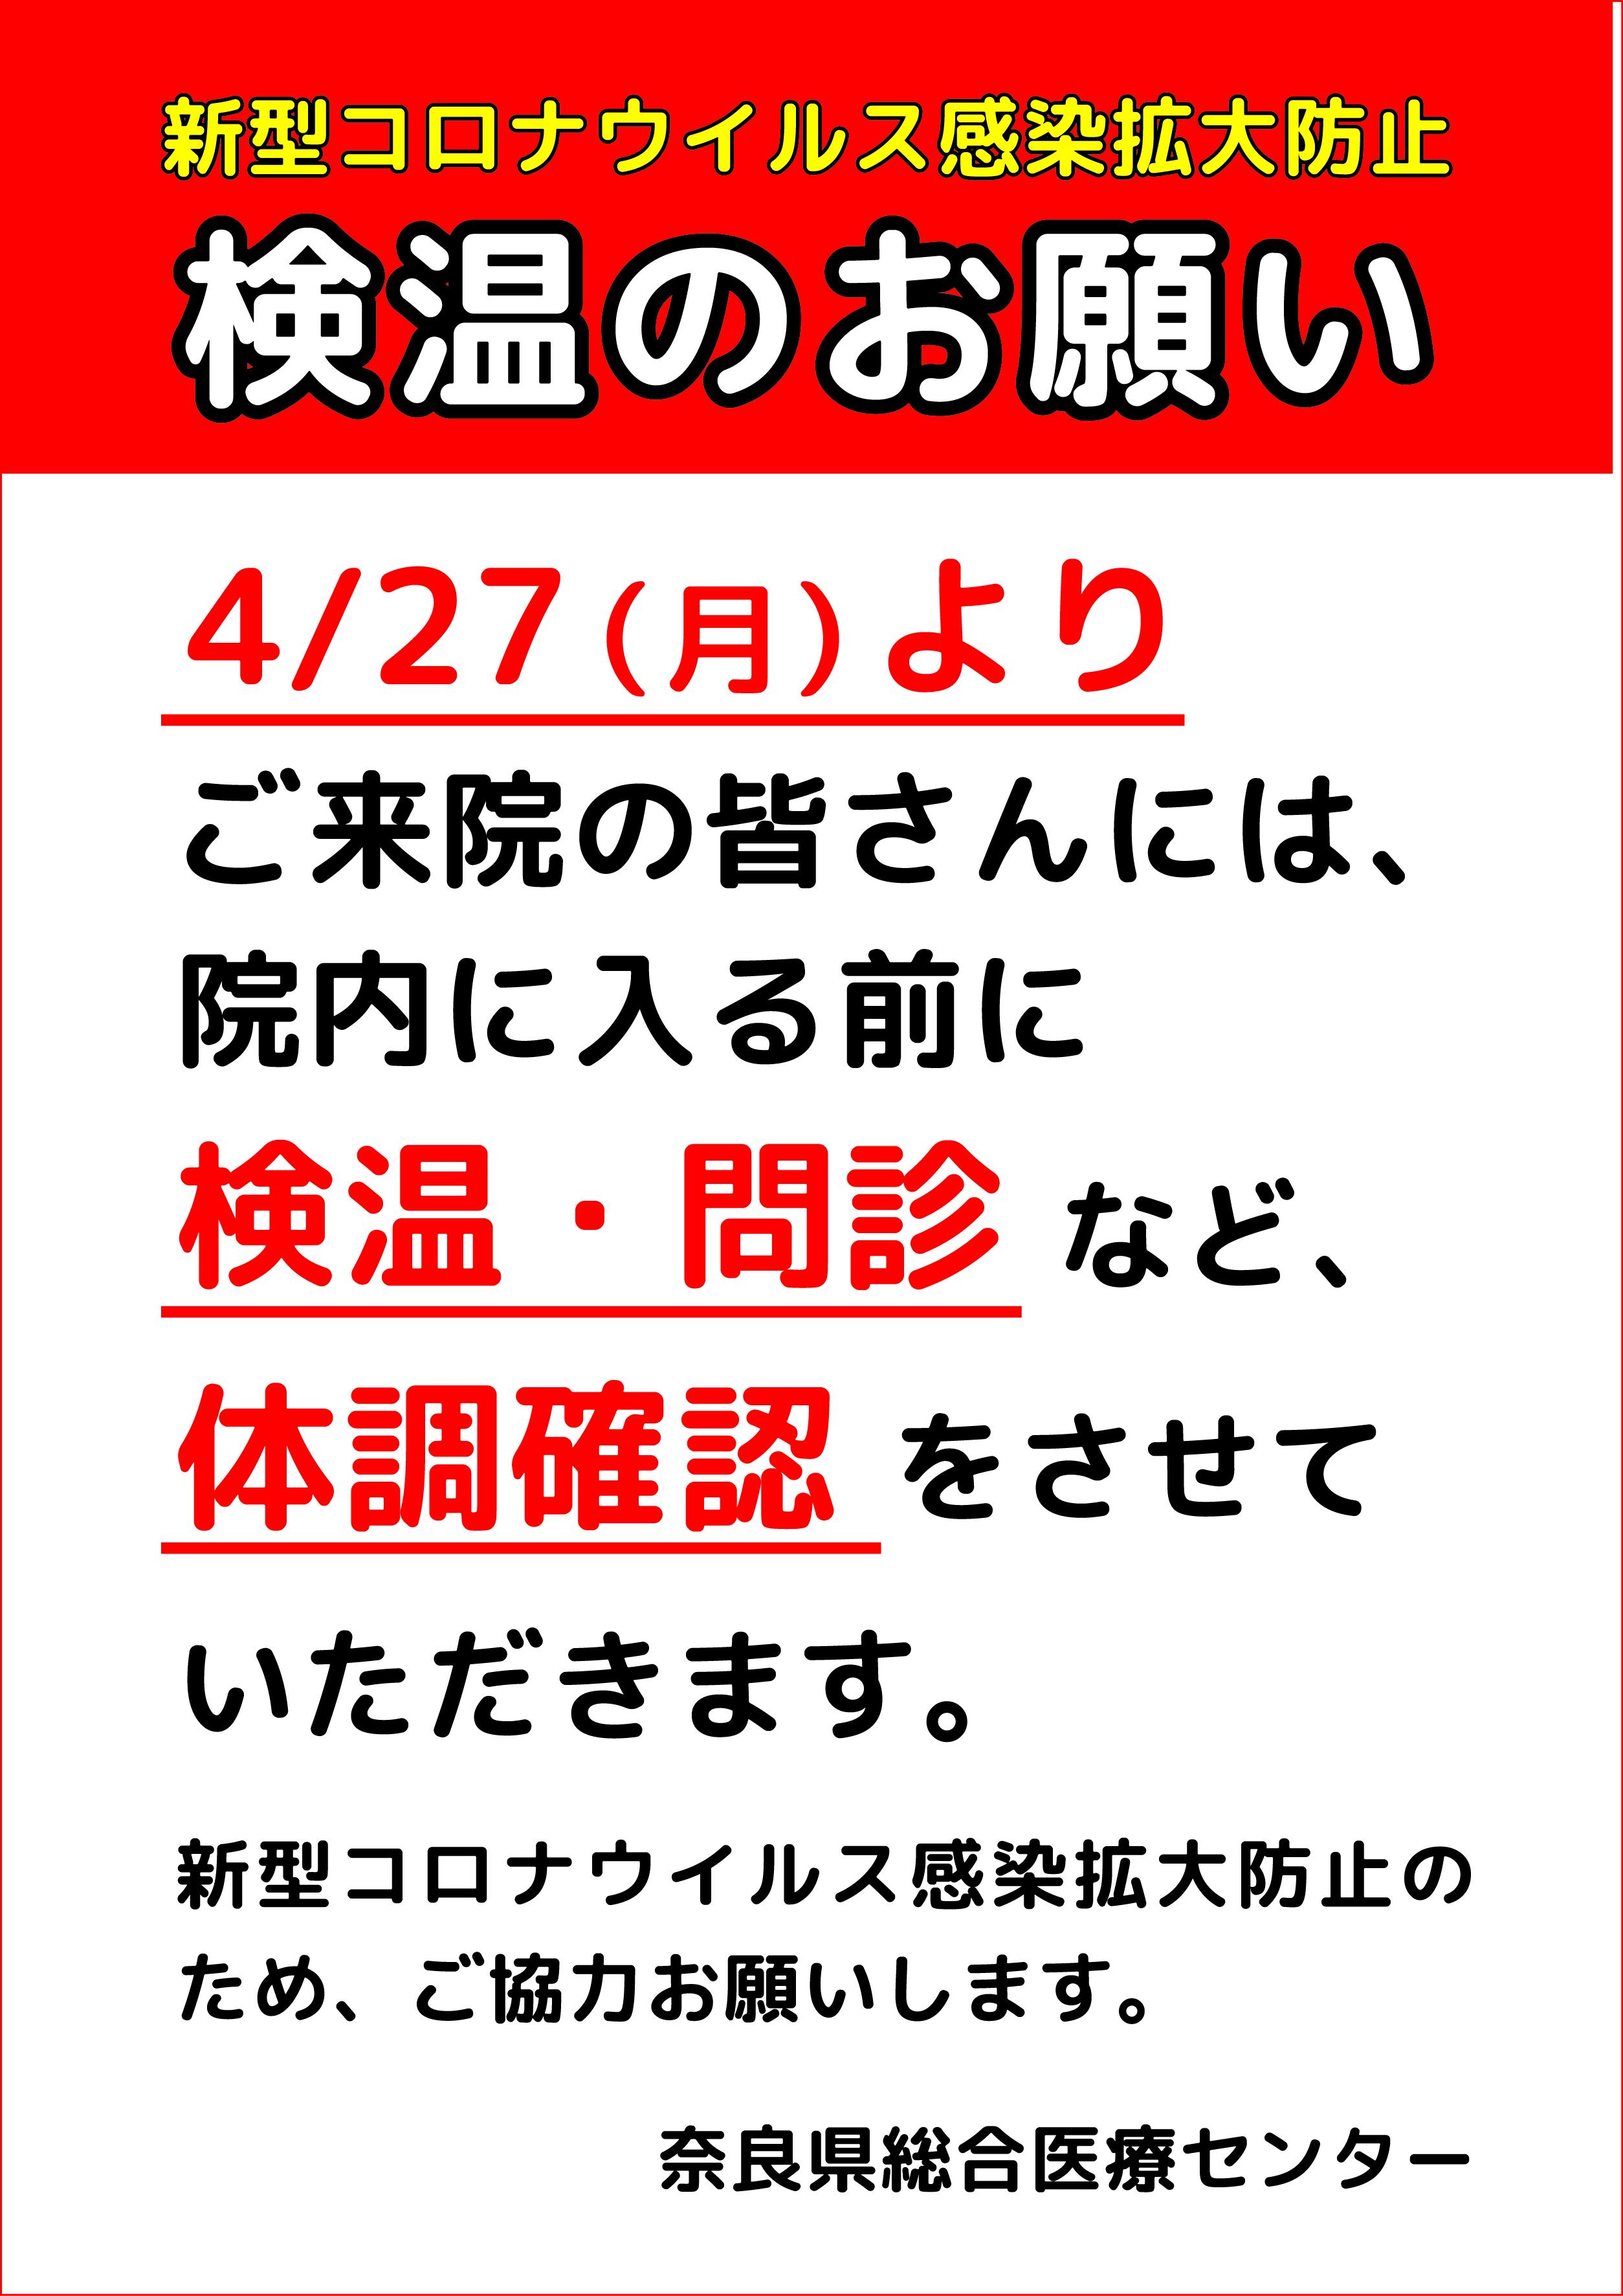 奈良 県 コロナ ウイルス